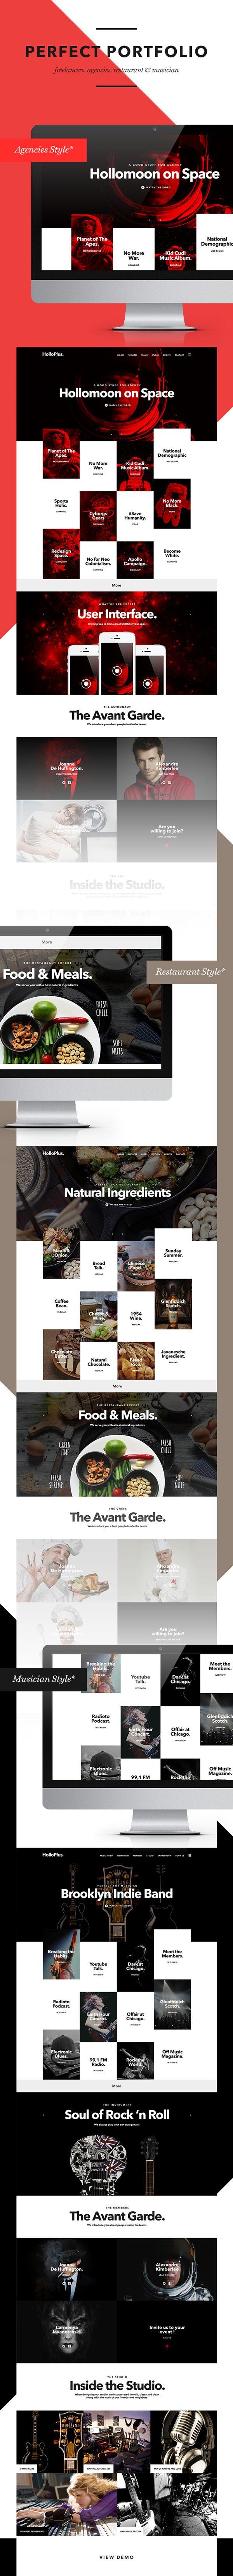 pinterest.com/fra411 #webdesign - Hollo Plus (Update New Style) on Behance